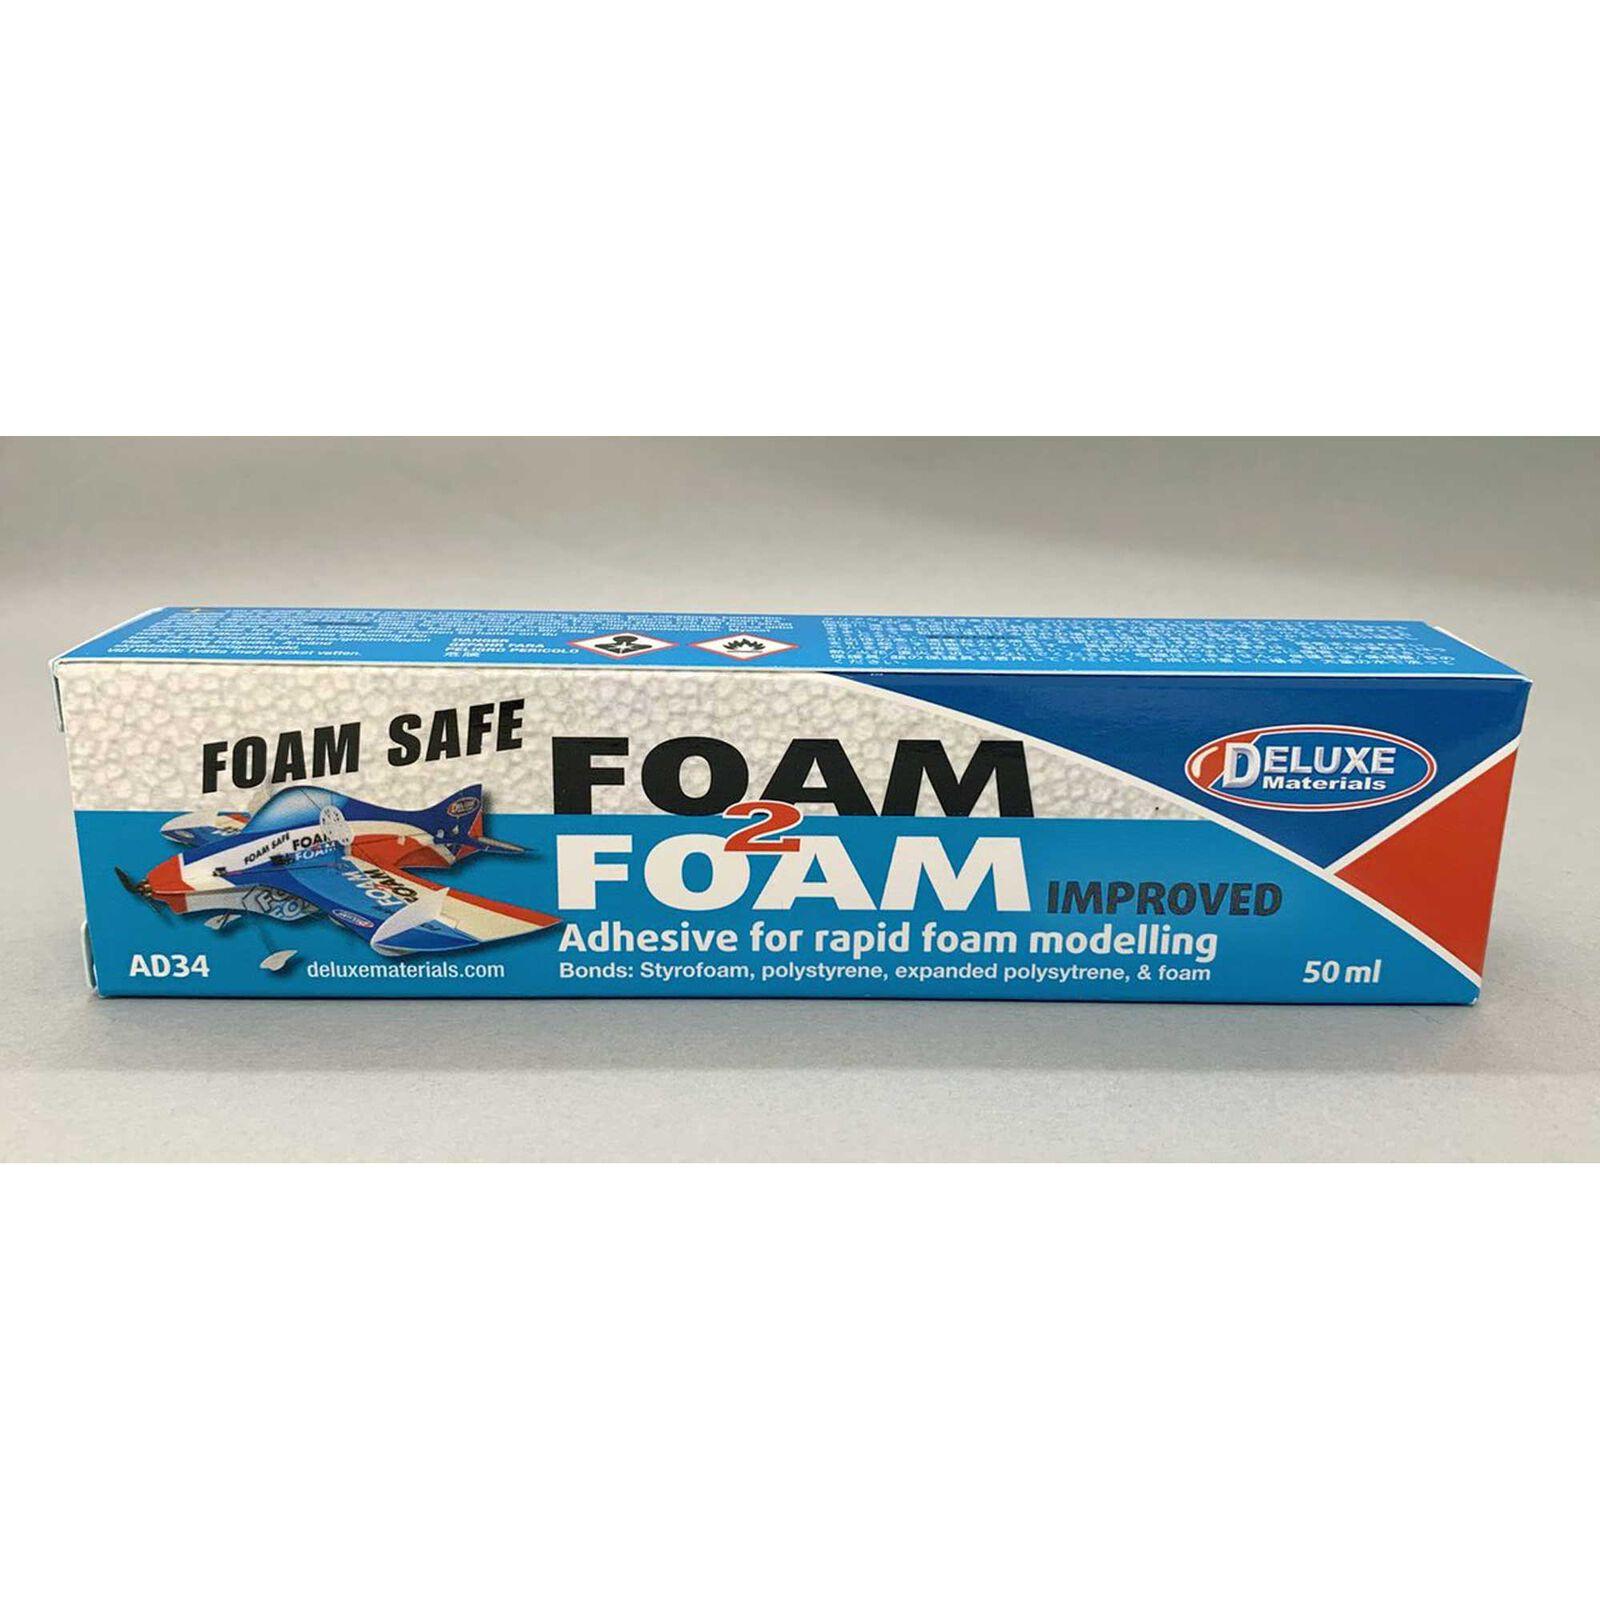 Foam 2 Foam, Foam Safe Glue, 50ml: EPO, EPS, Wood